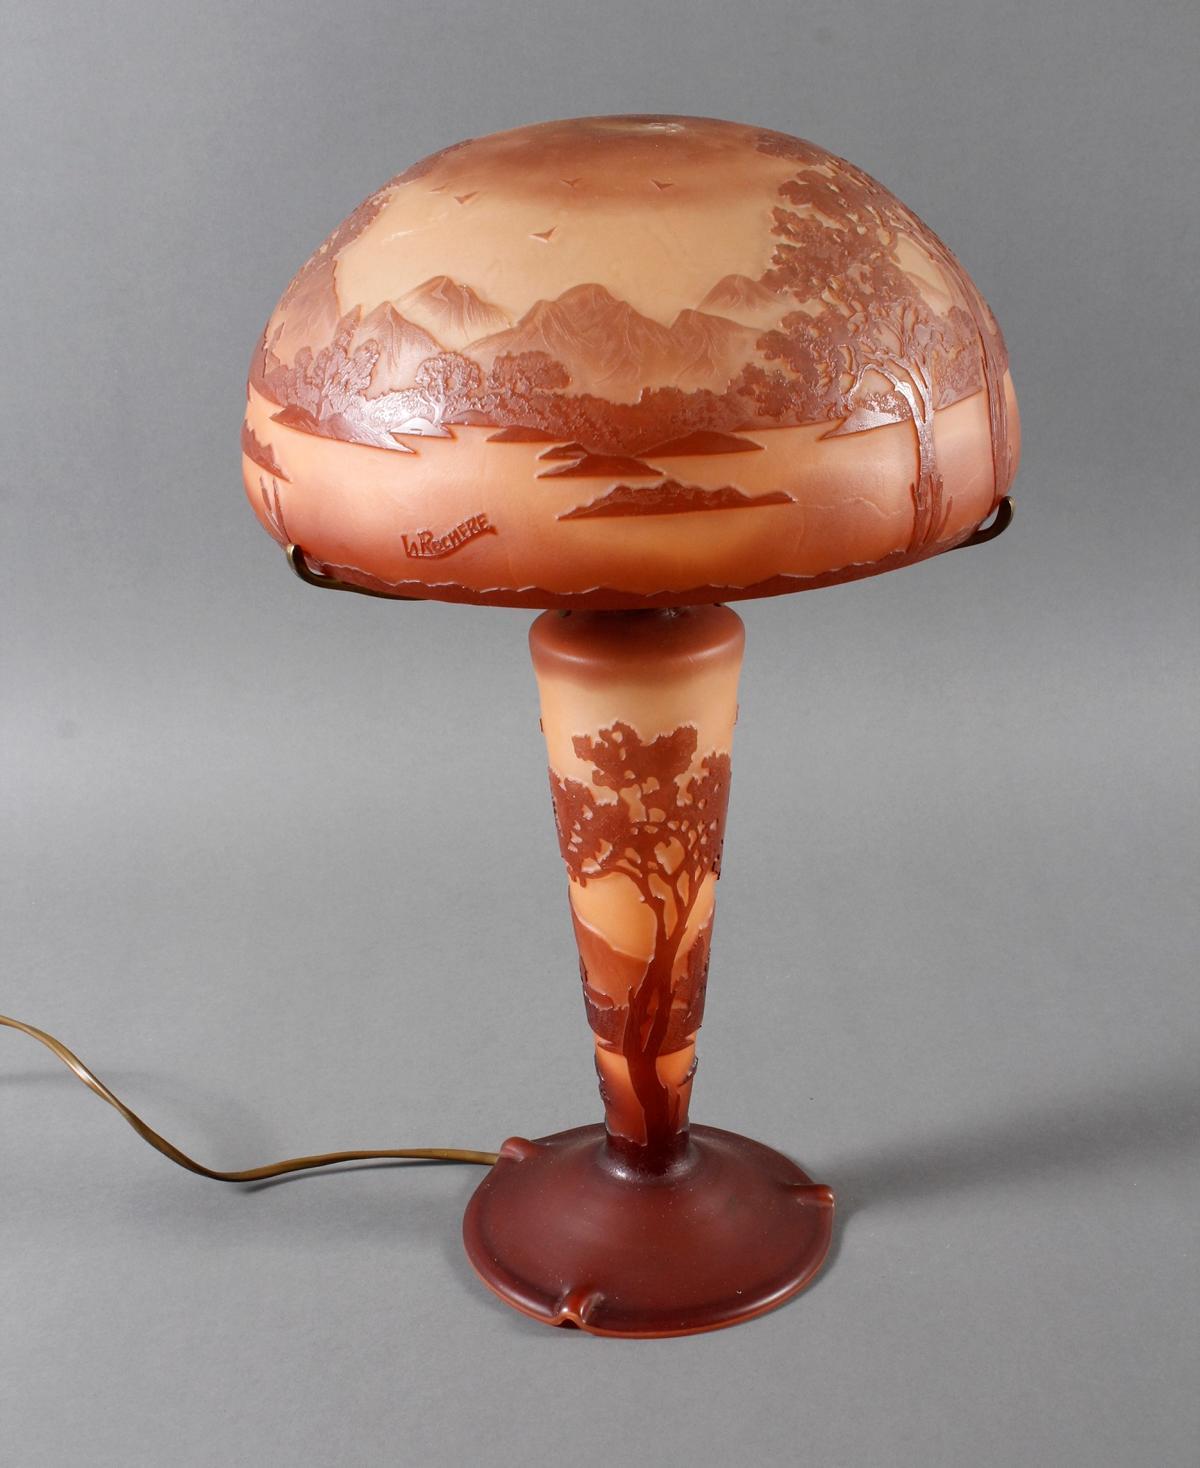 Cameo Leuchte von La Rochere, Frankreich 20. Jahrhundert